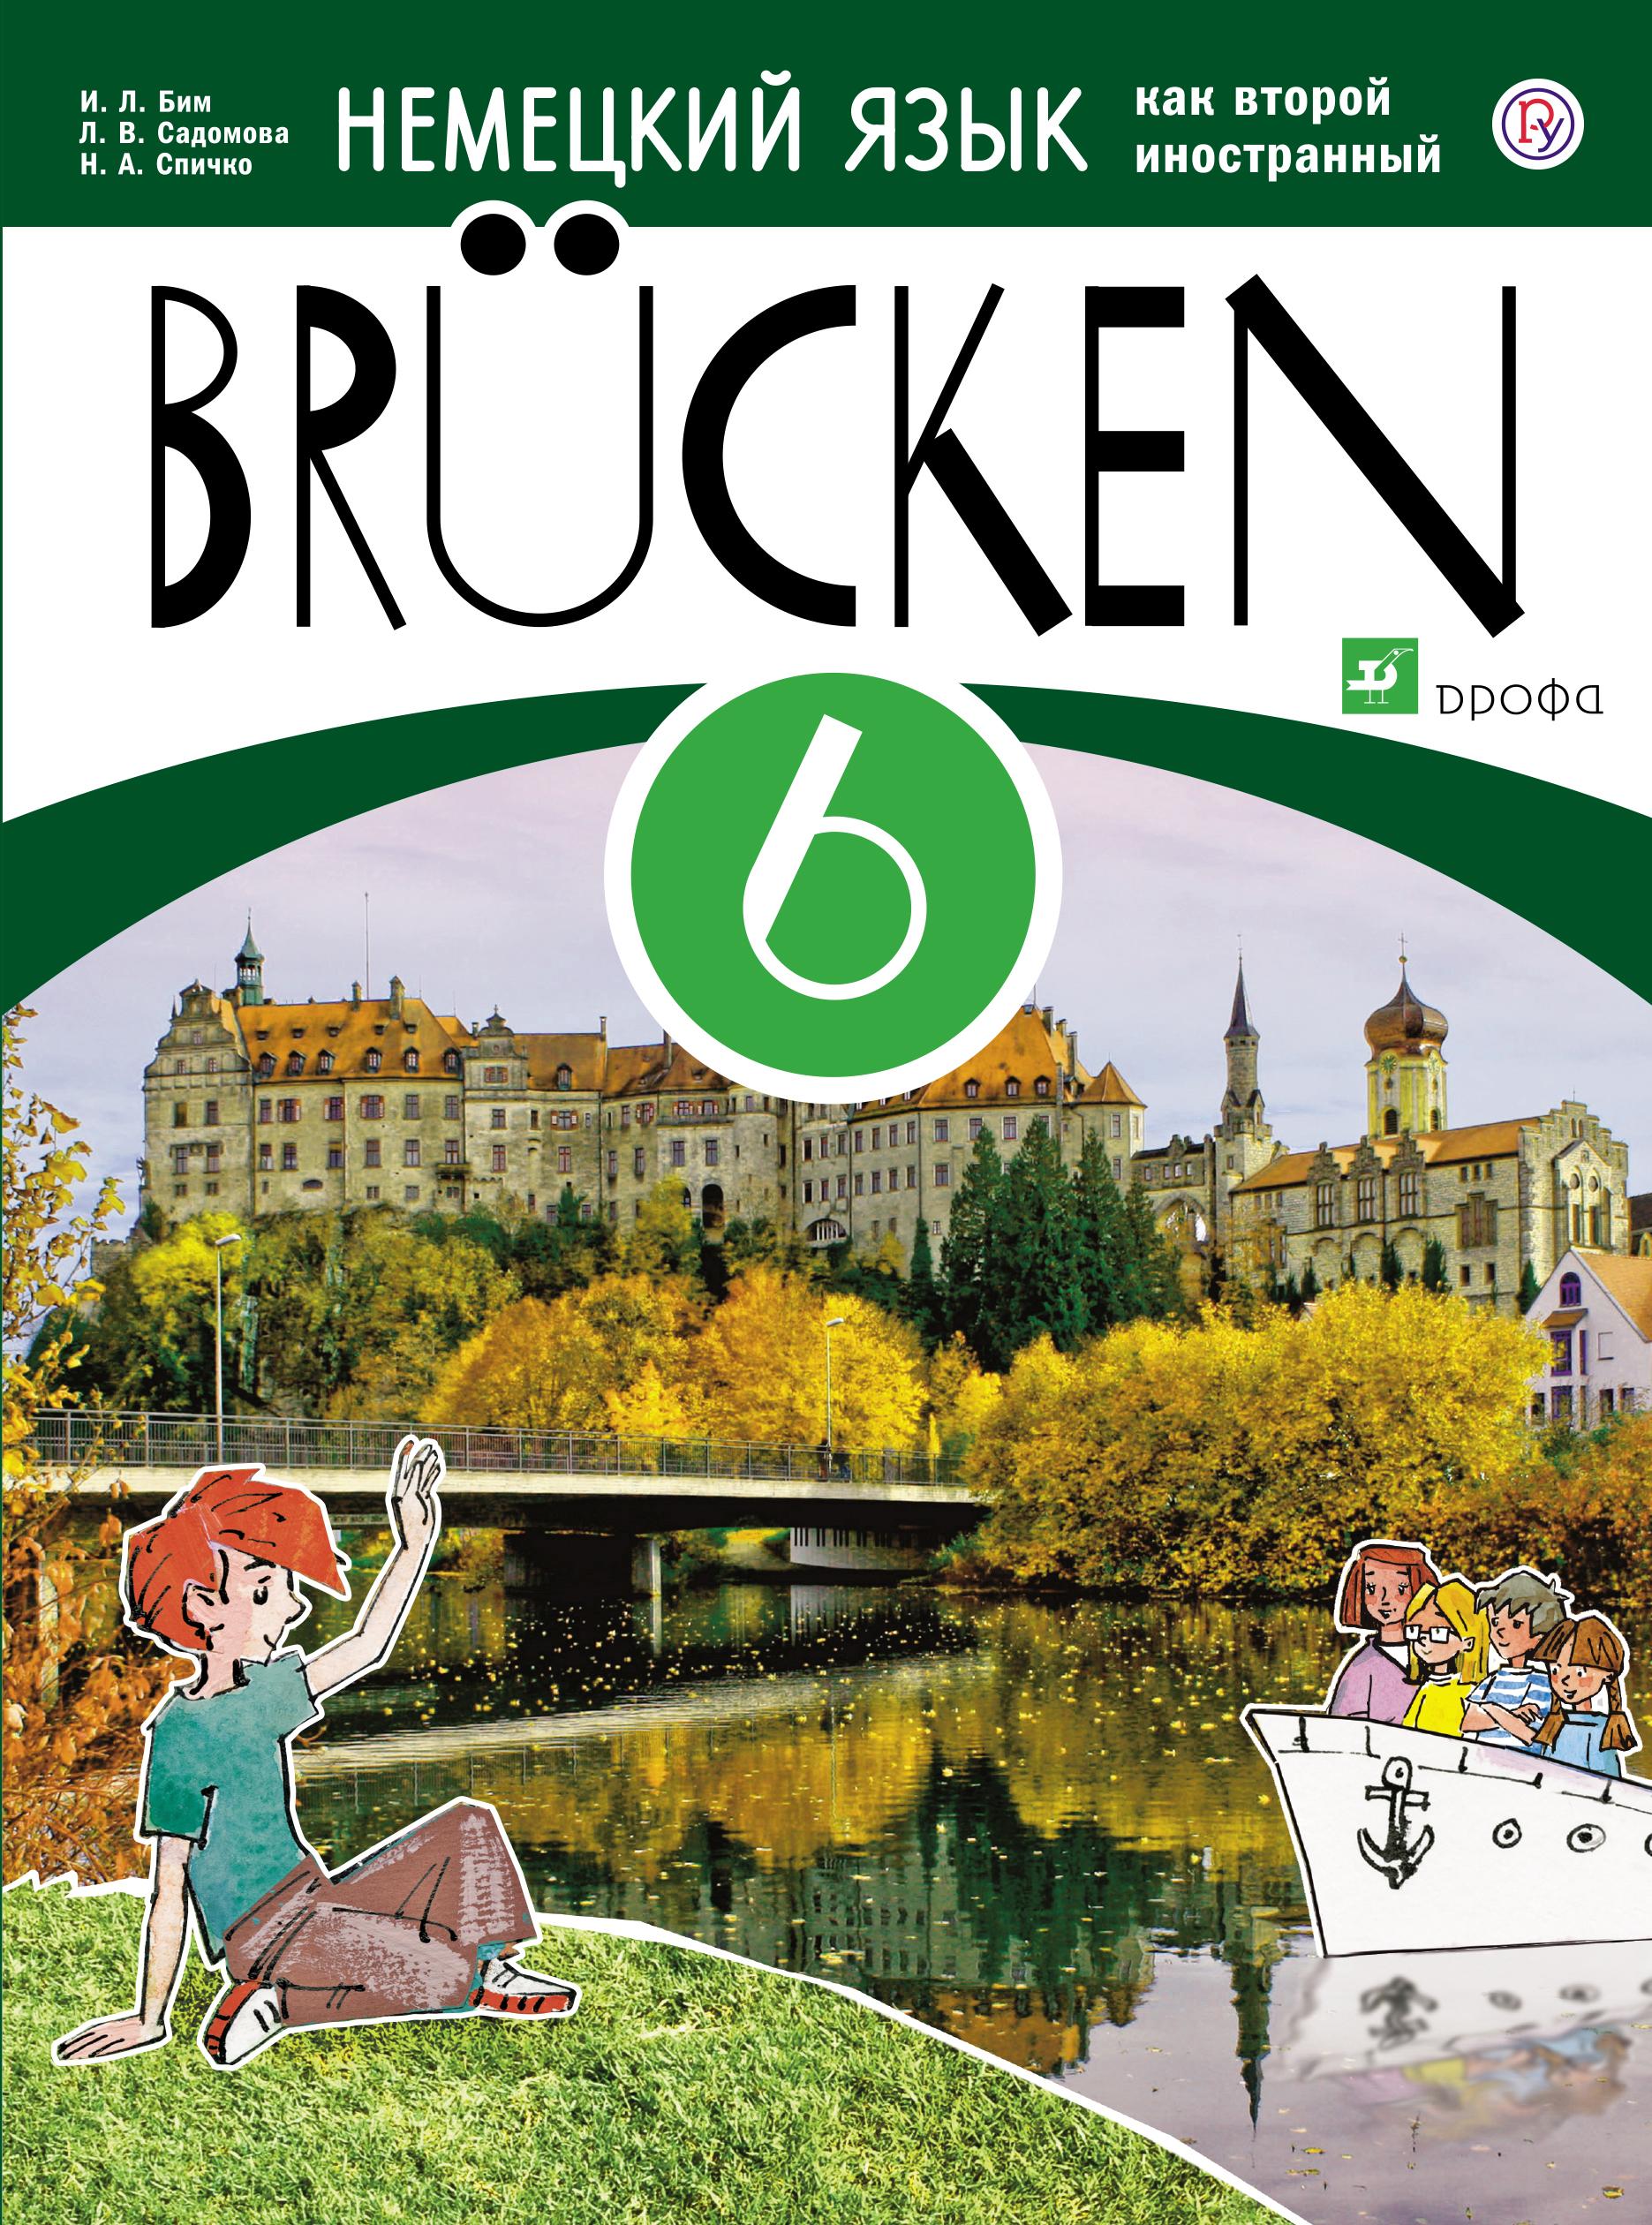 Немецкий язык как второй иностранный. 6 класс. Учебник